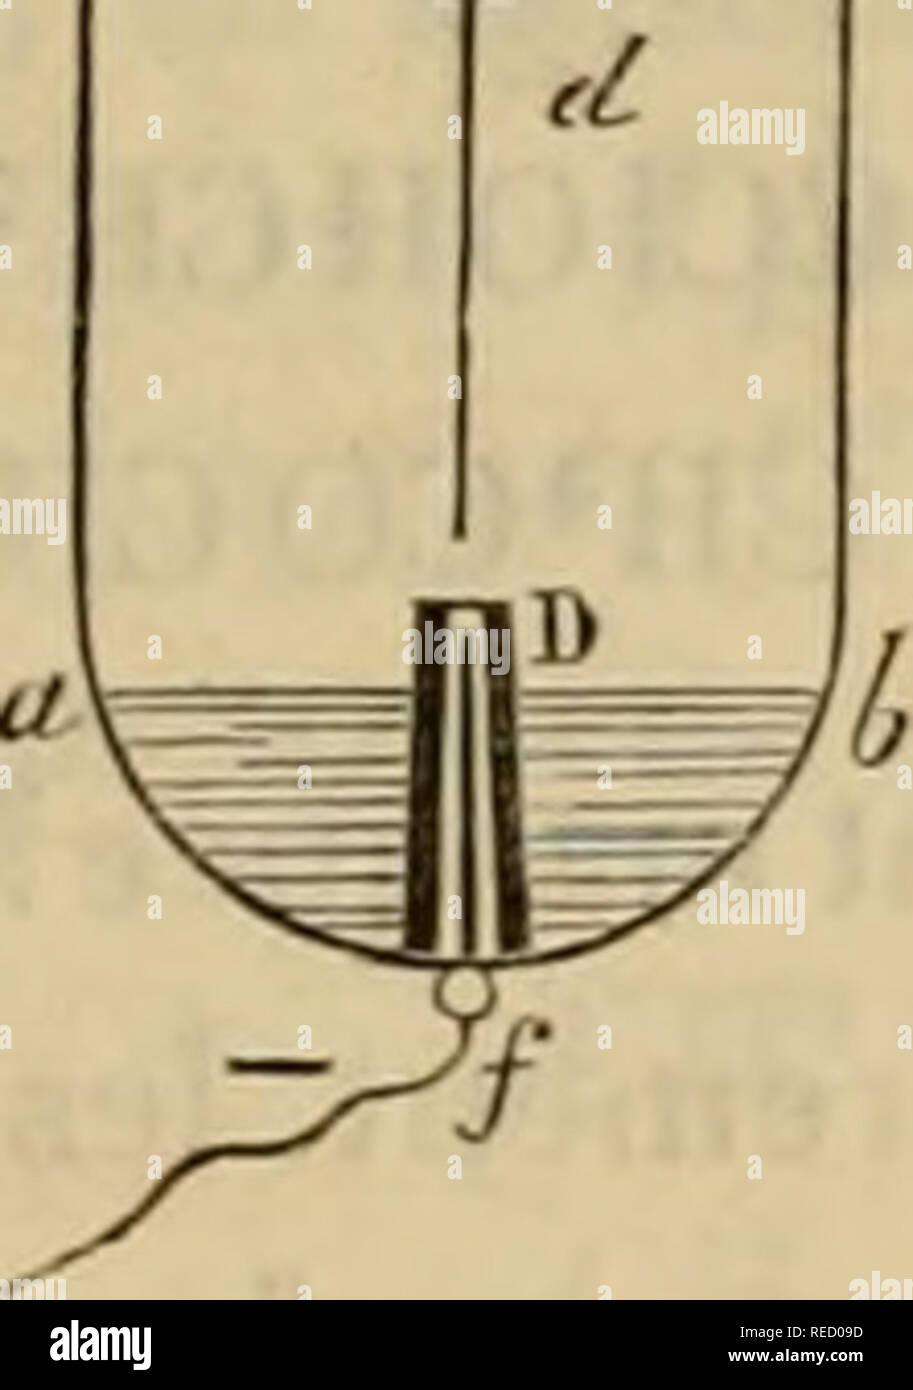 """. Comptesrendusheb81acad. es naturelles. Une lubrification, dans lequel le verset le liquide à analyser. B, tube capillaire dans lequel est soudé le fil de platine cd qui constitue l'élec- trode supérieure. C, bouchon de¨lià ge fermant le tube une; il supporte B et lui permet de se mou- voir-à frottement doux. D, petit tube capillaire un peu conique, coiffant l'électrode intérieure/. J, électrode supérieure. /, électrode inférieure. ab, niveau du liquide.¨centimà article length i tre, mobile, et qui coiffe l'électrode inférieure ^ en la dépassant de 4 millimître. Â"""" pour faire fonctionner l'appar Banque D'Images"""